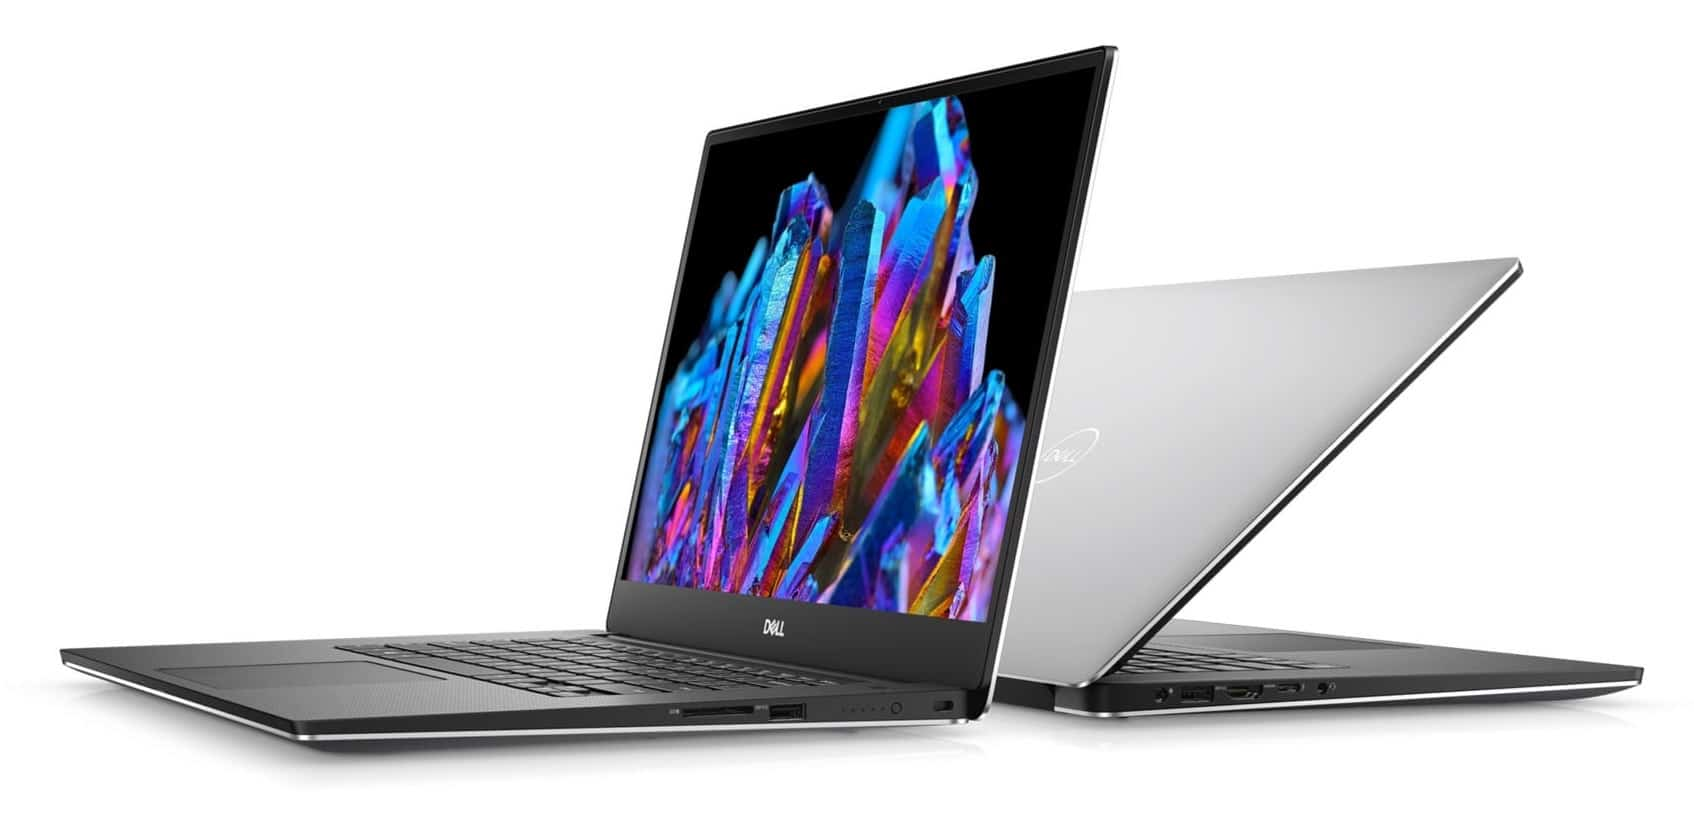 Revue de presse des tests publiés sur le Web (Dell XPS 15 7590)